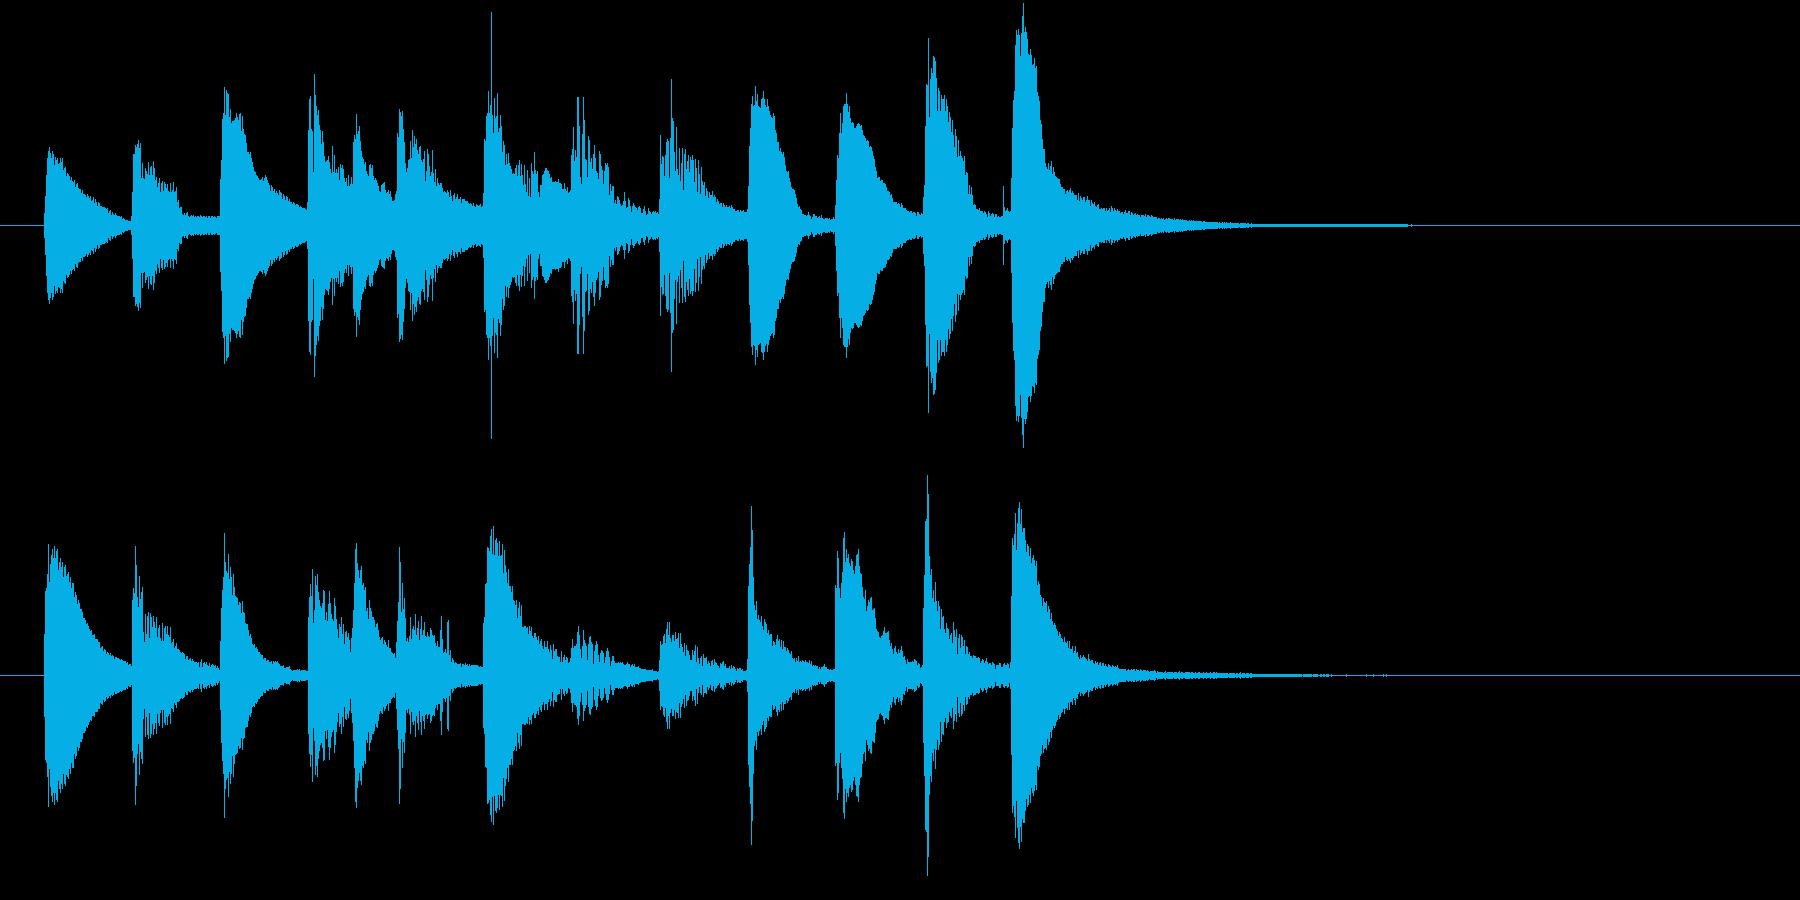 スマホのようなモダンクリーンショートロゴの再生済みの波形